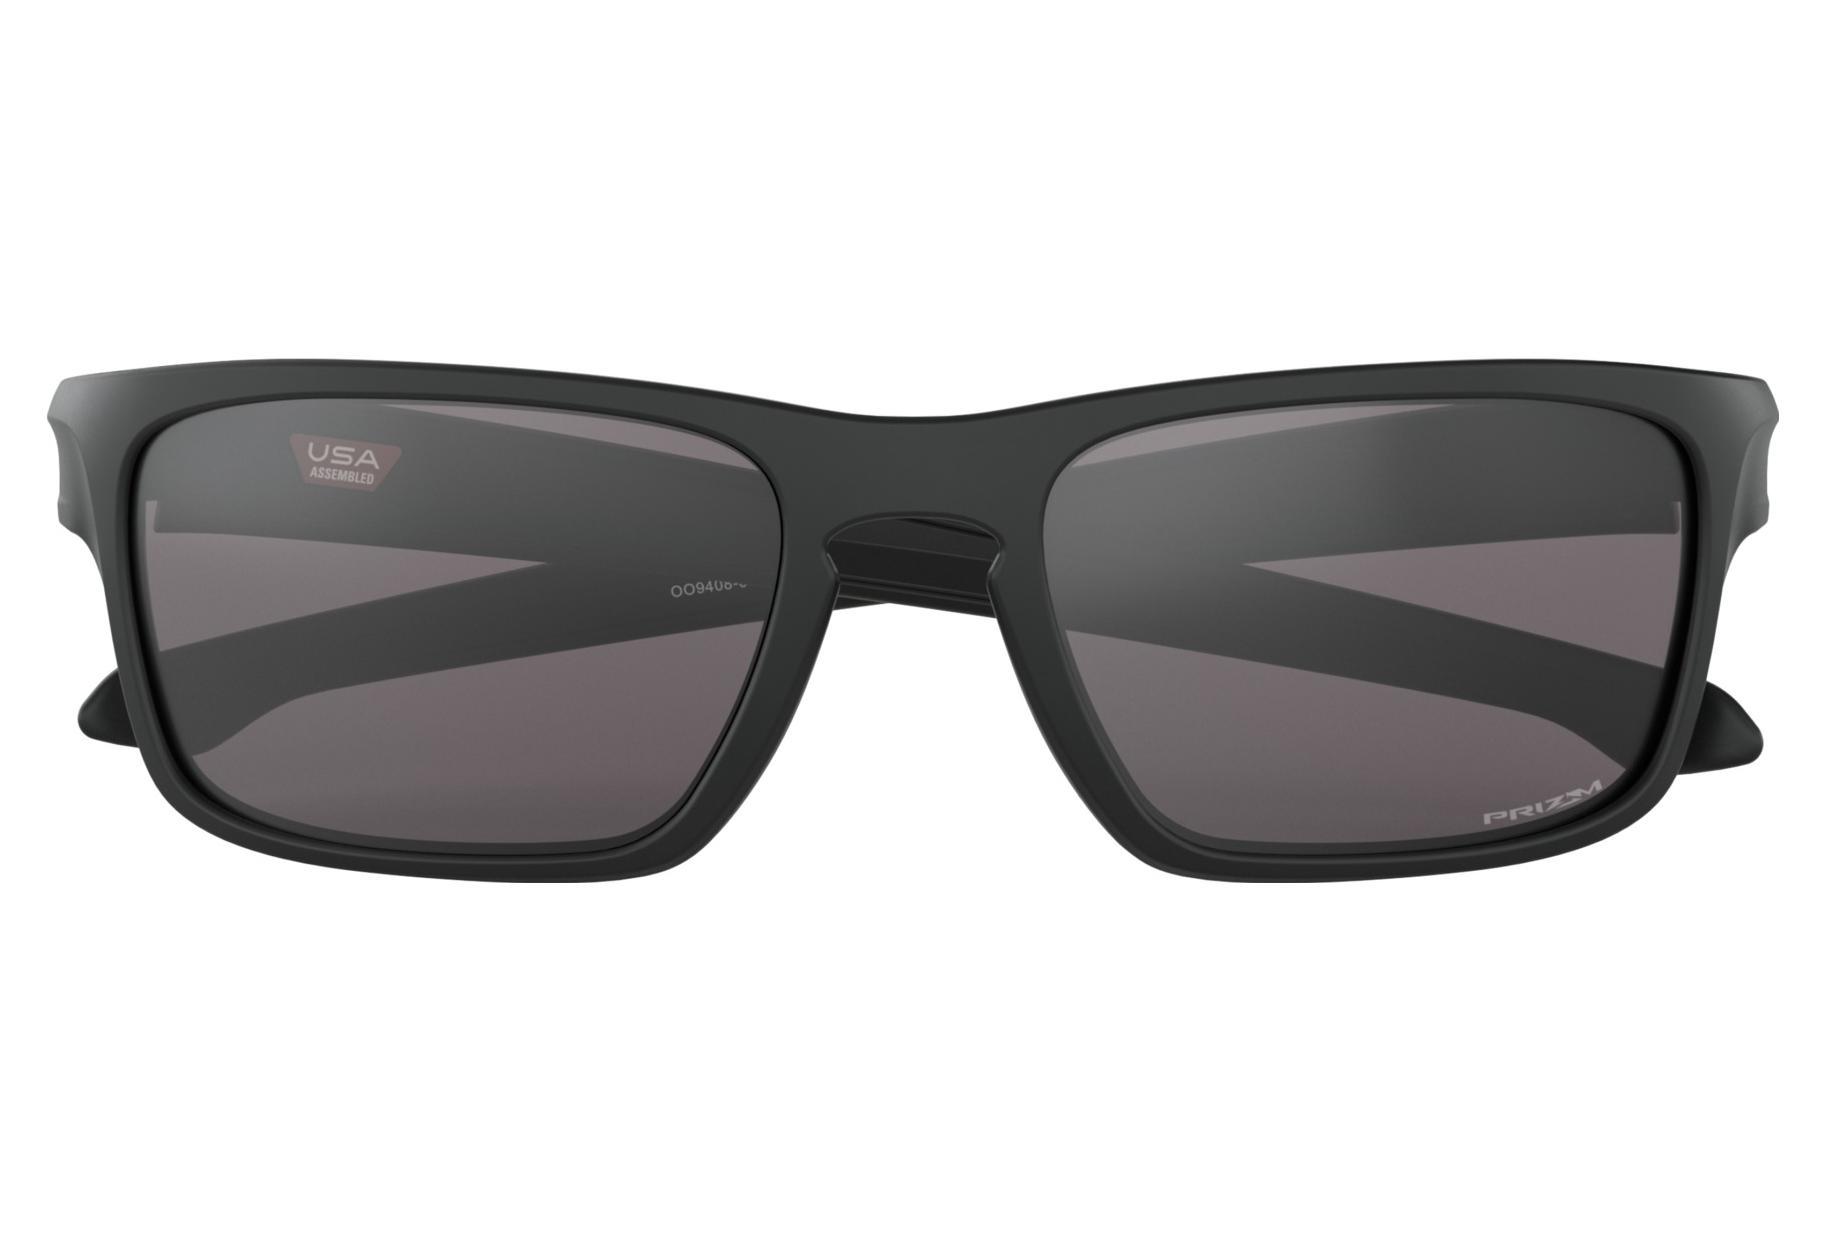 bd585f7d63 OAKLEY Sliver Stealth Sunglasses Matte Black Prizm Grey OO9408-0156 ...